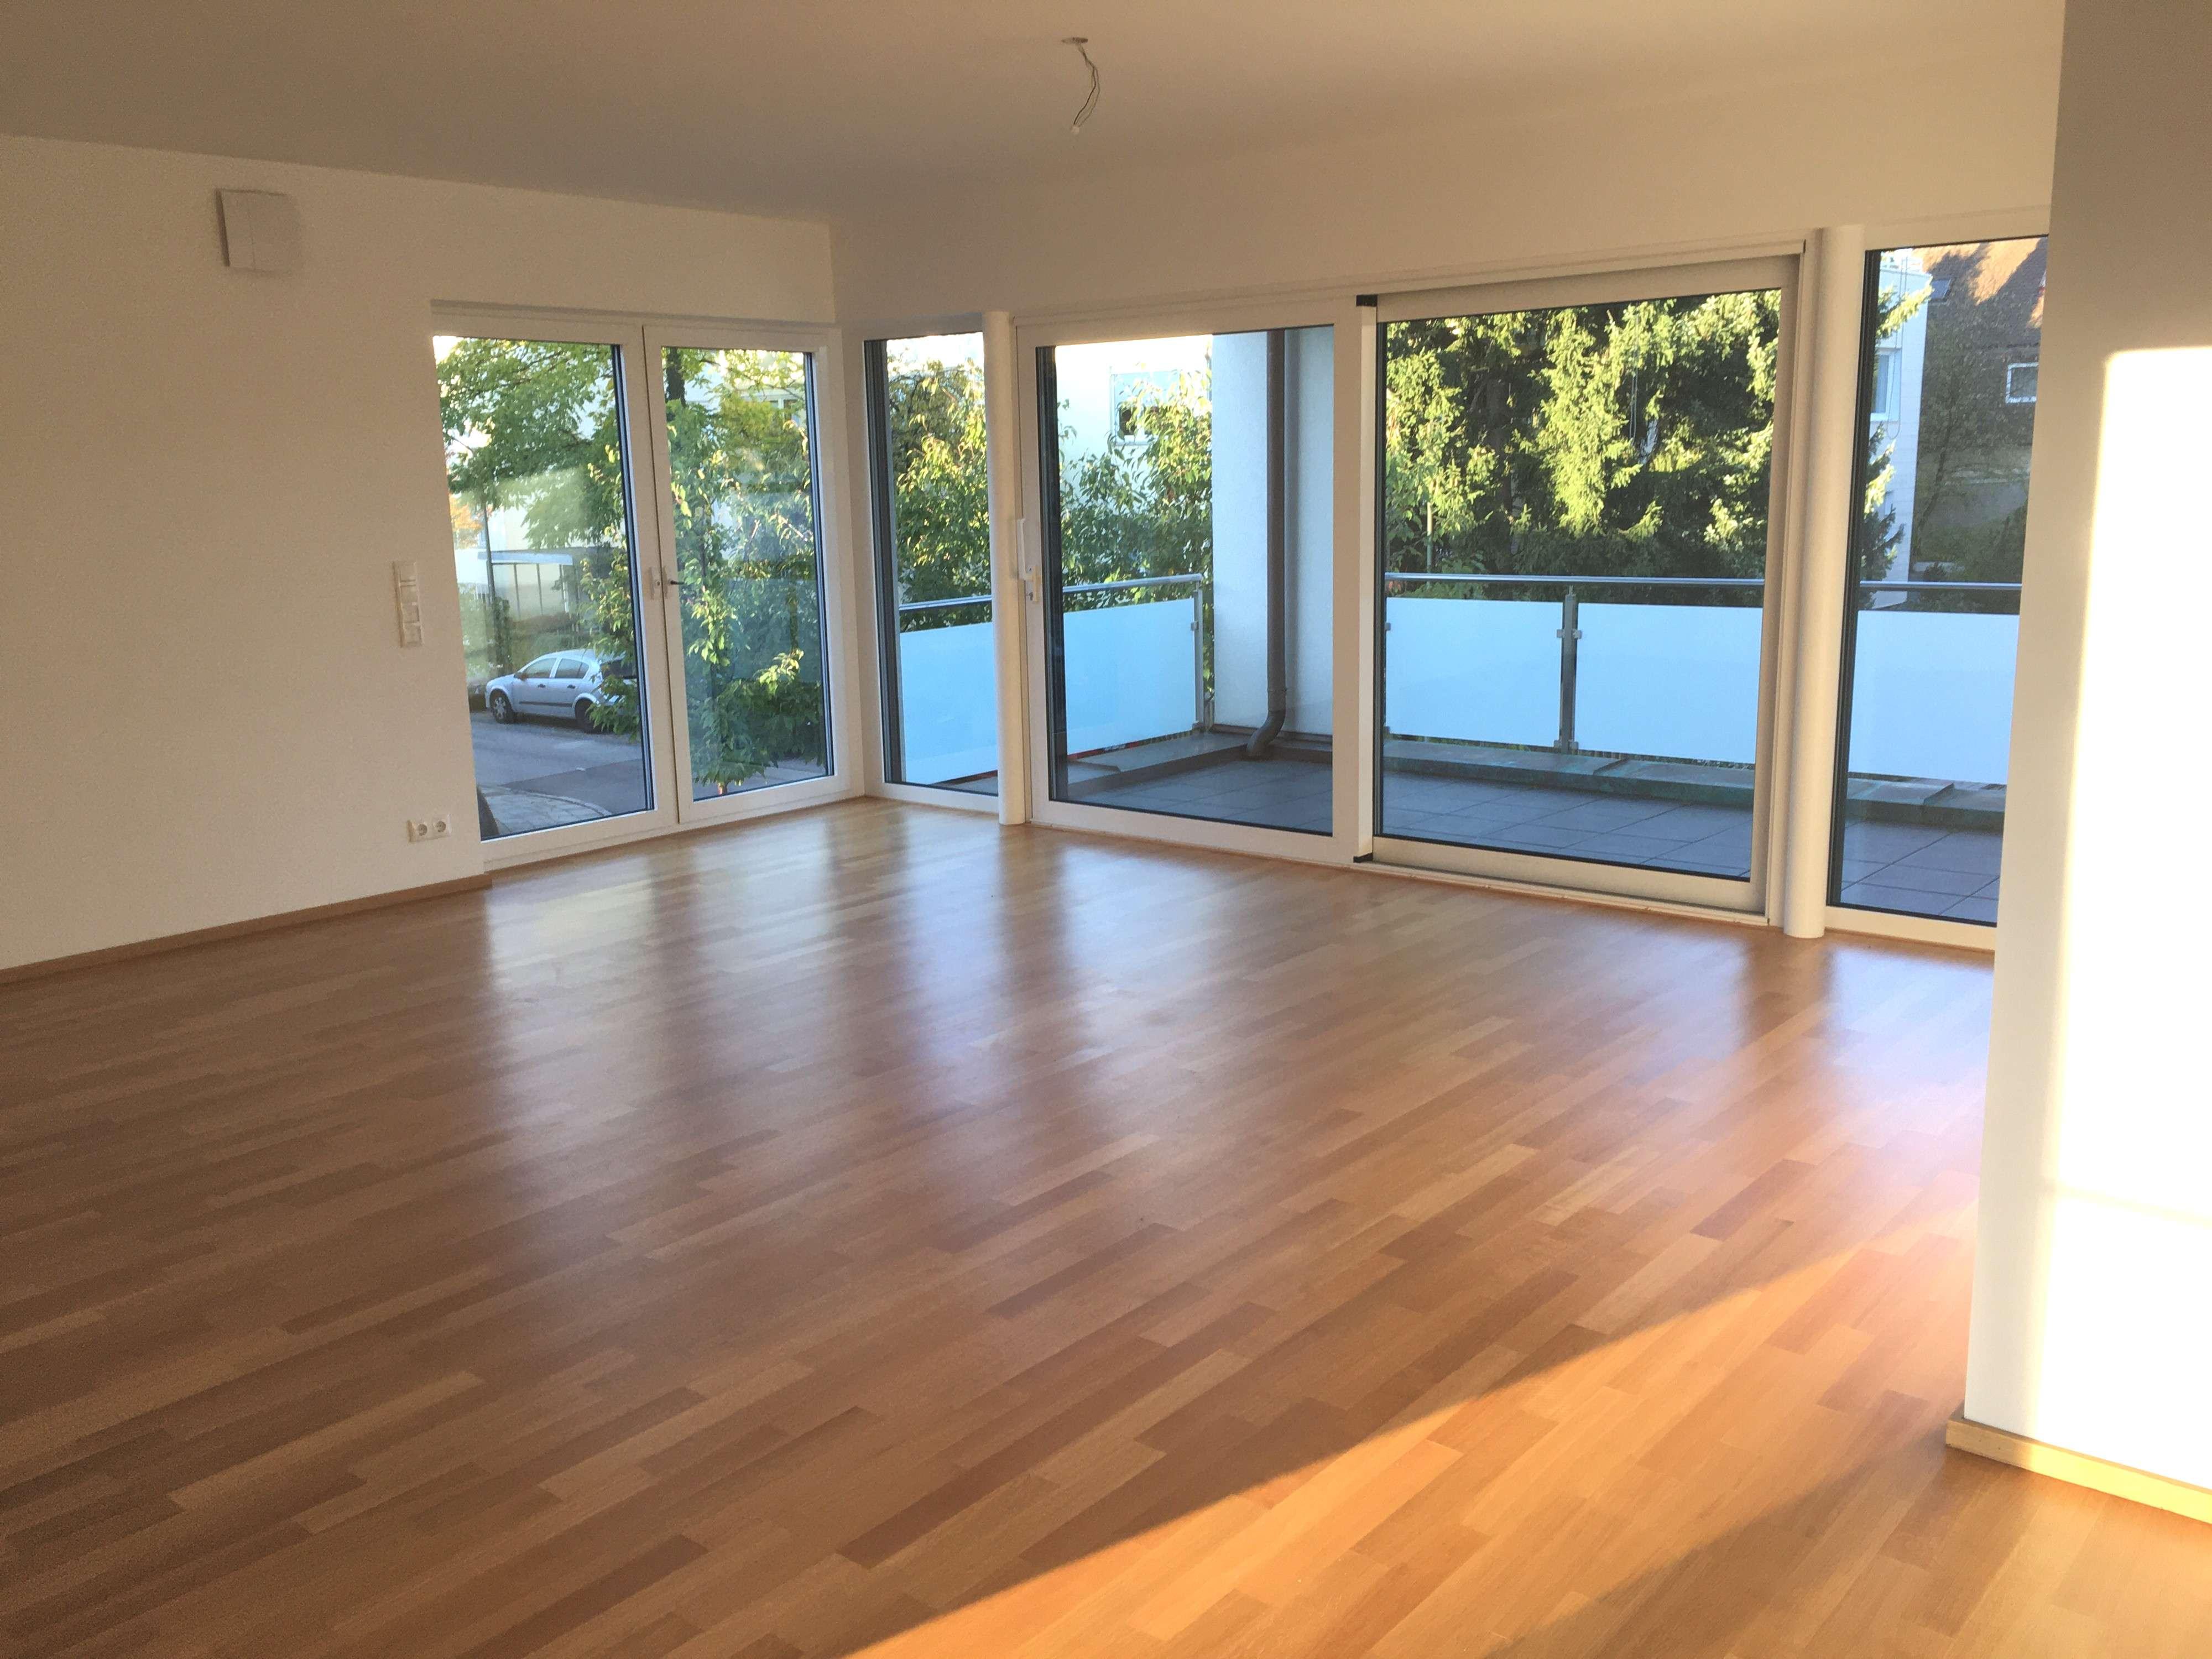 großzügige 3 Zimmer-Wohnung in Obermenzing in Obermenzing (München)